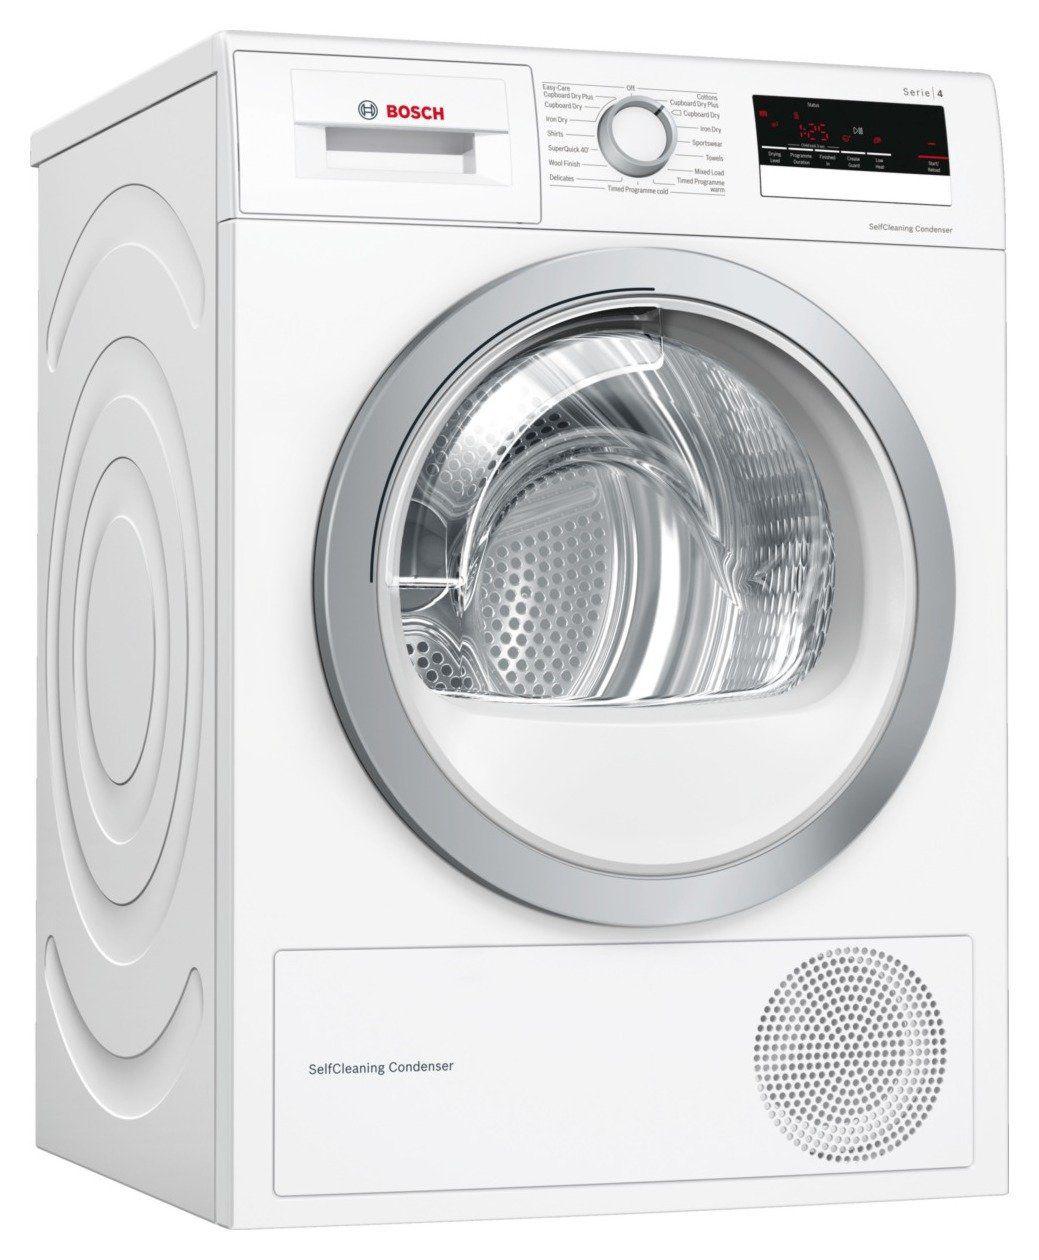 Bosch Wtw85231gb 8kg Heat Pump Tumble Dryer White In 2020 Heat